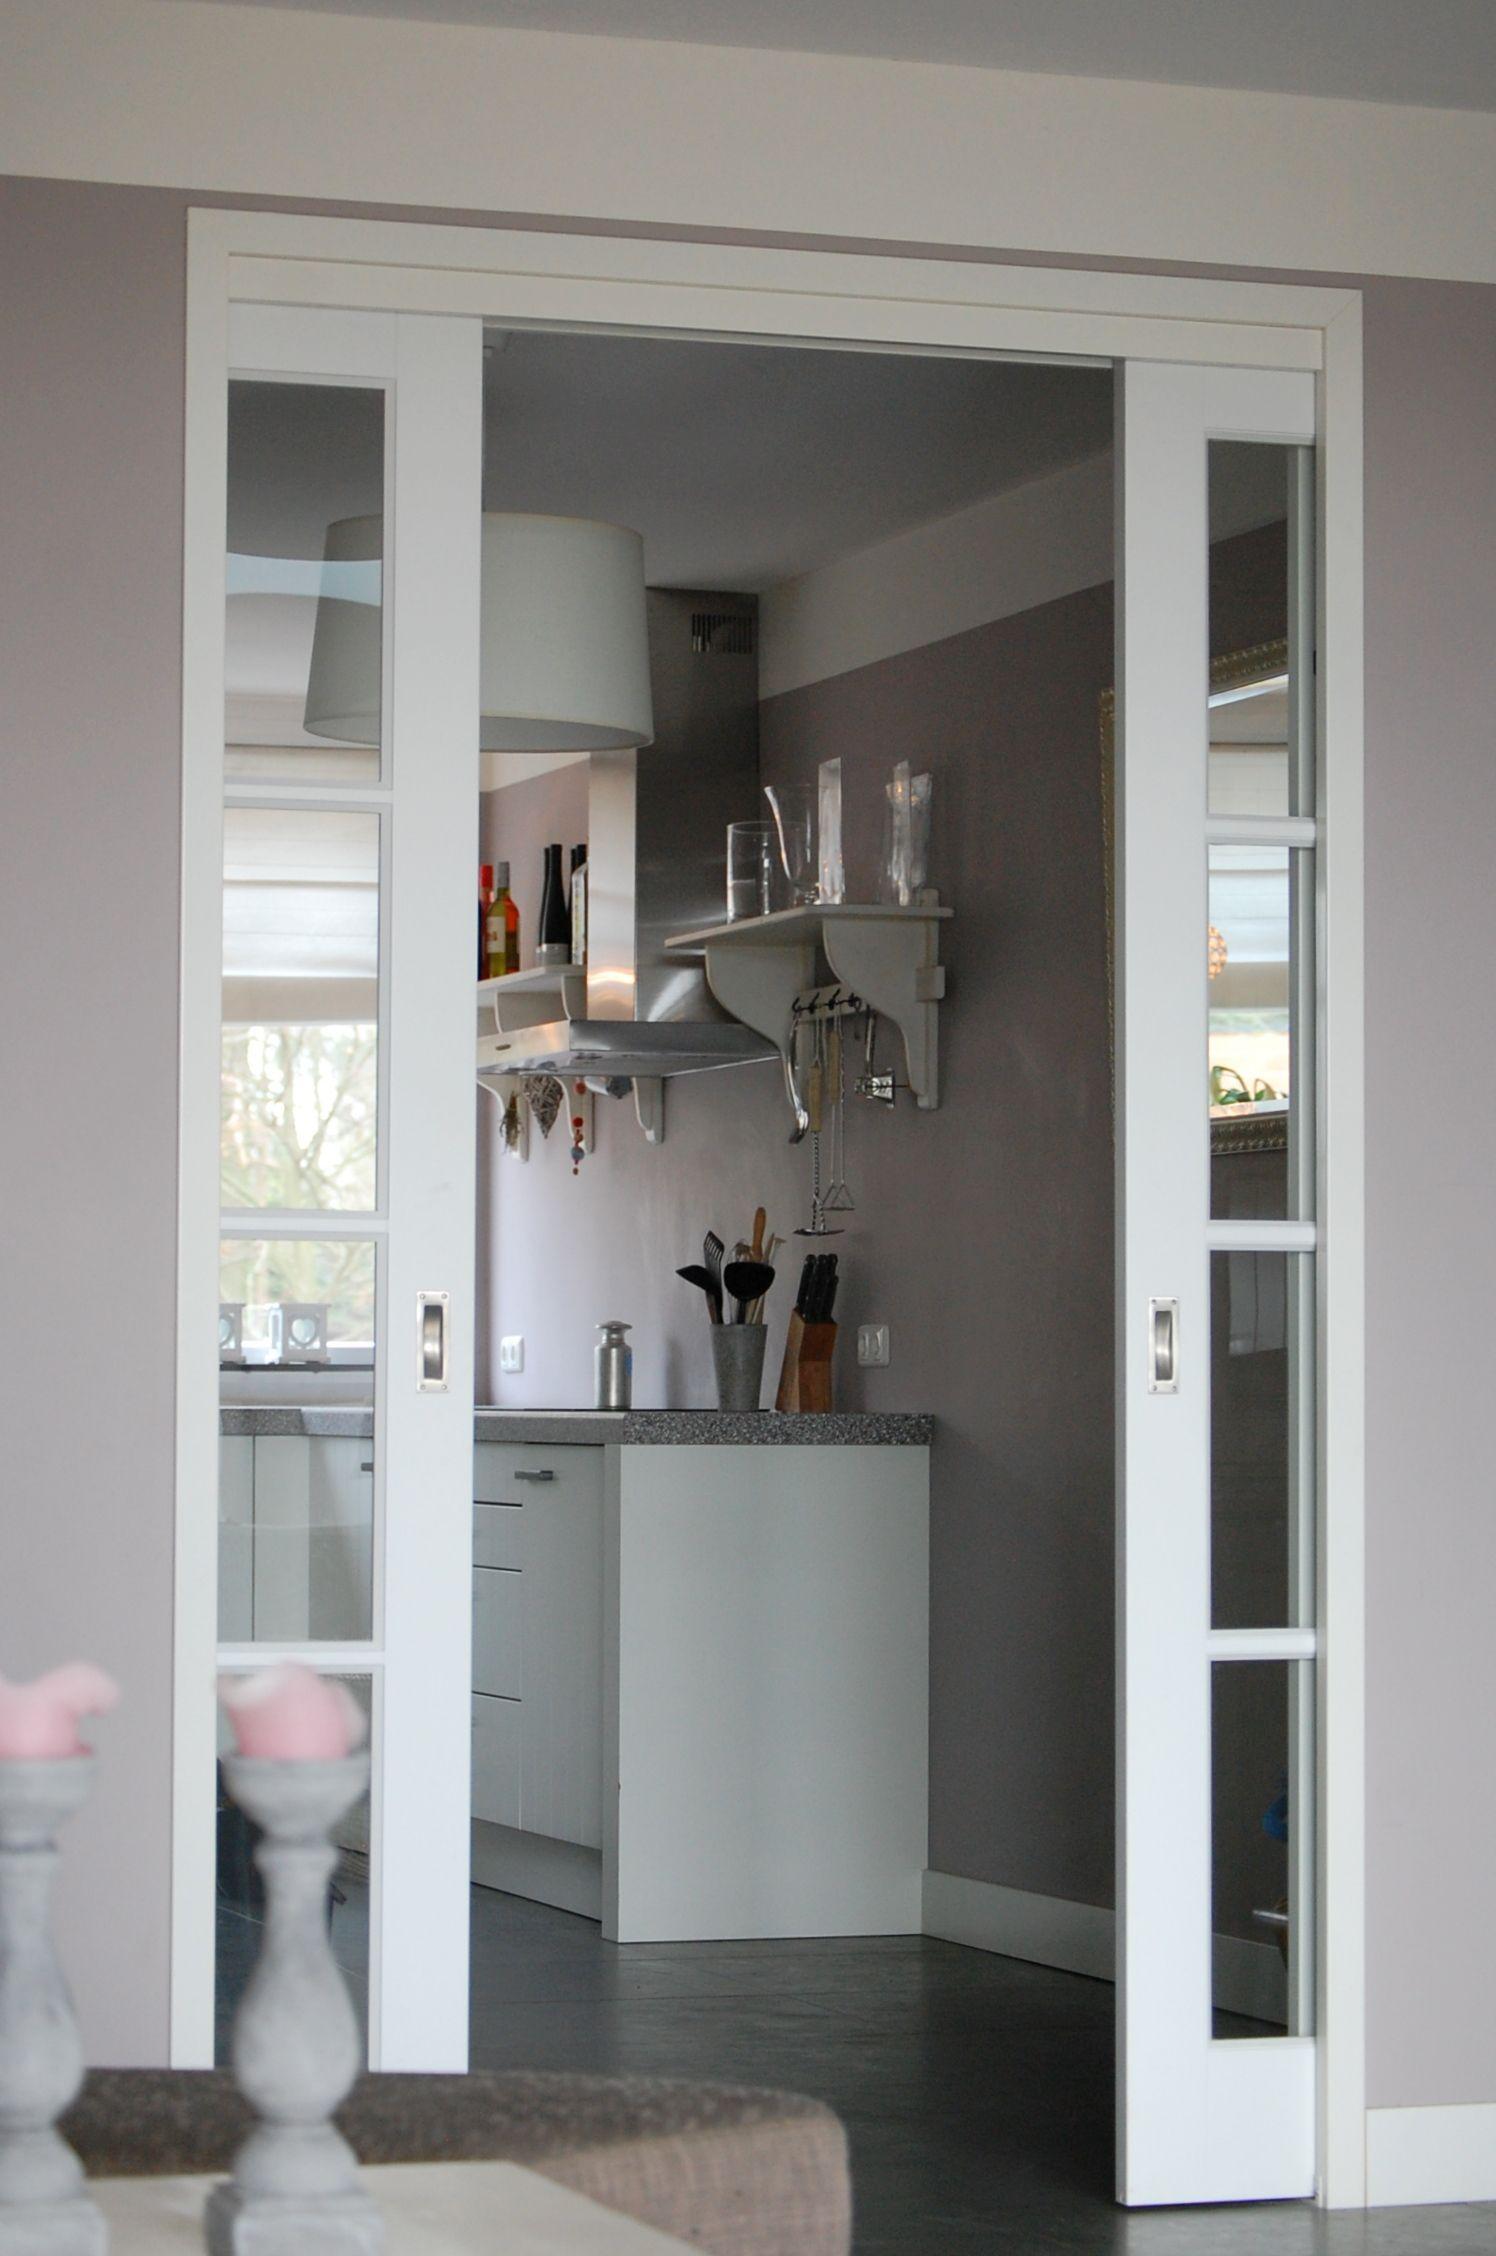 schuifdeuren woonkamer hout - Google zoeken | Ide rumah | Pinterest ...